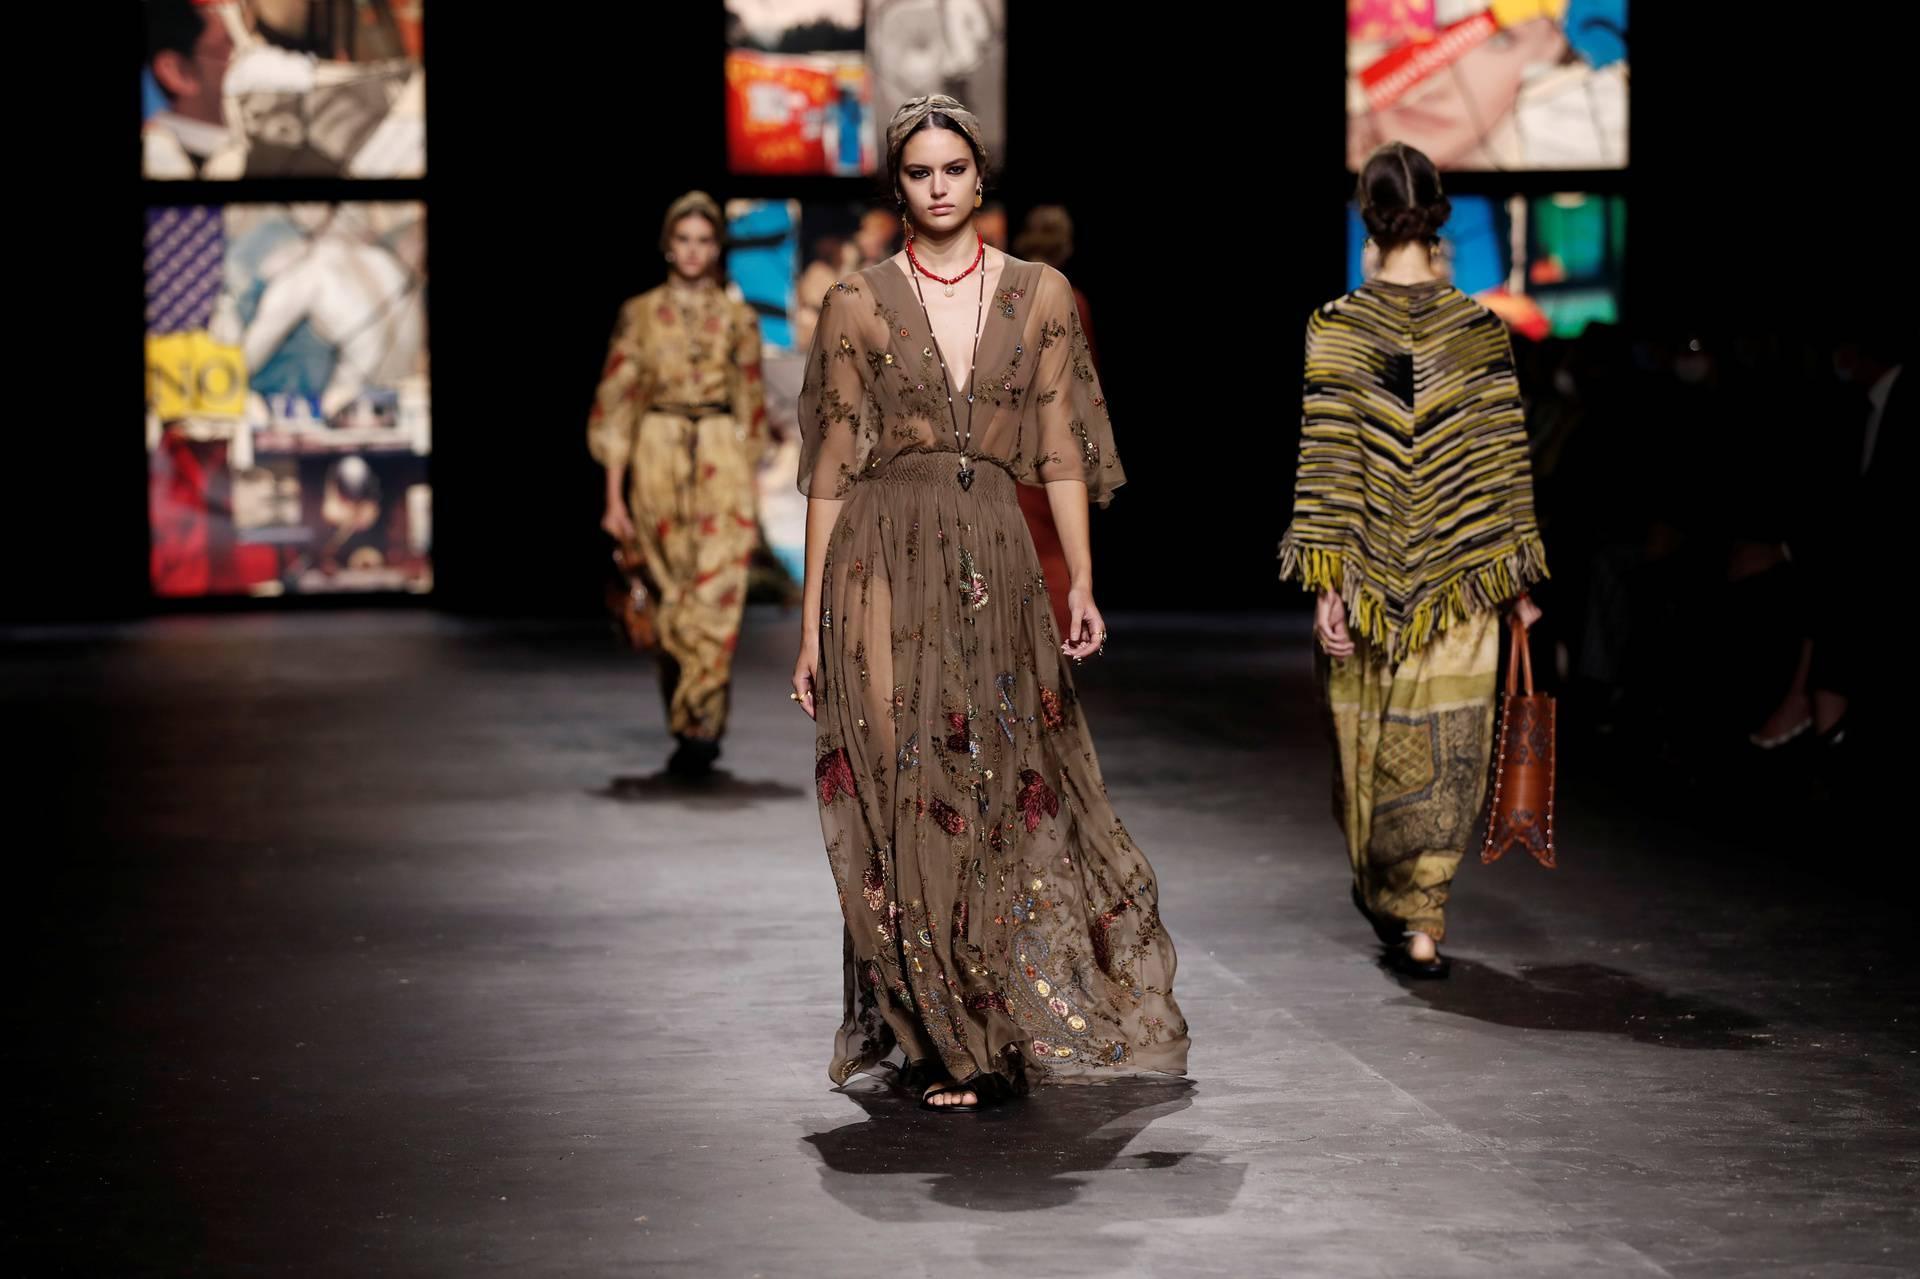 Dior returns to the catwalk in Paris Fashion Week